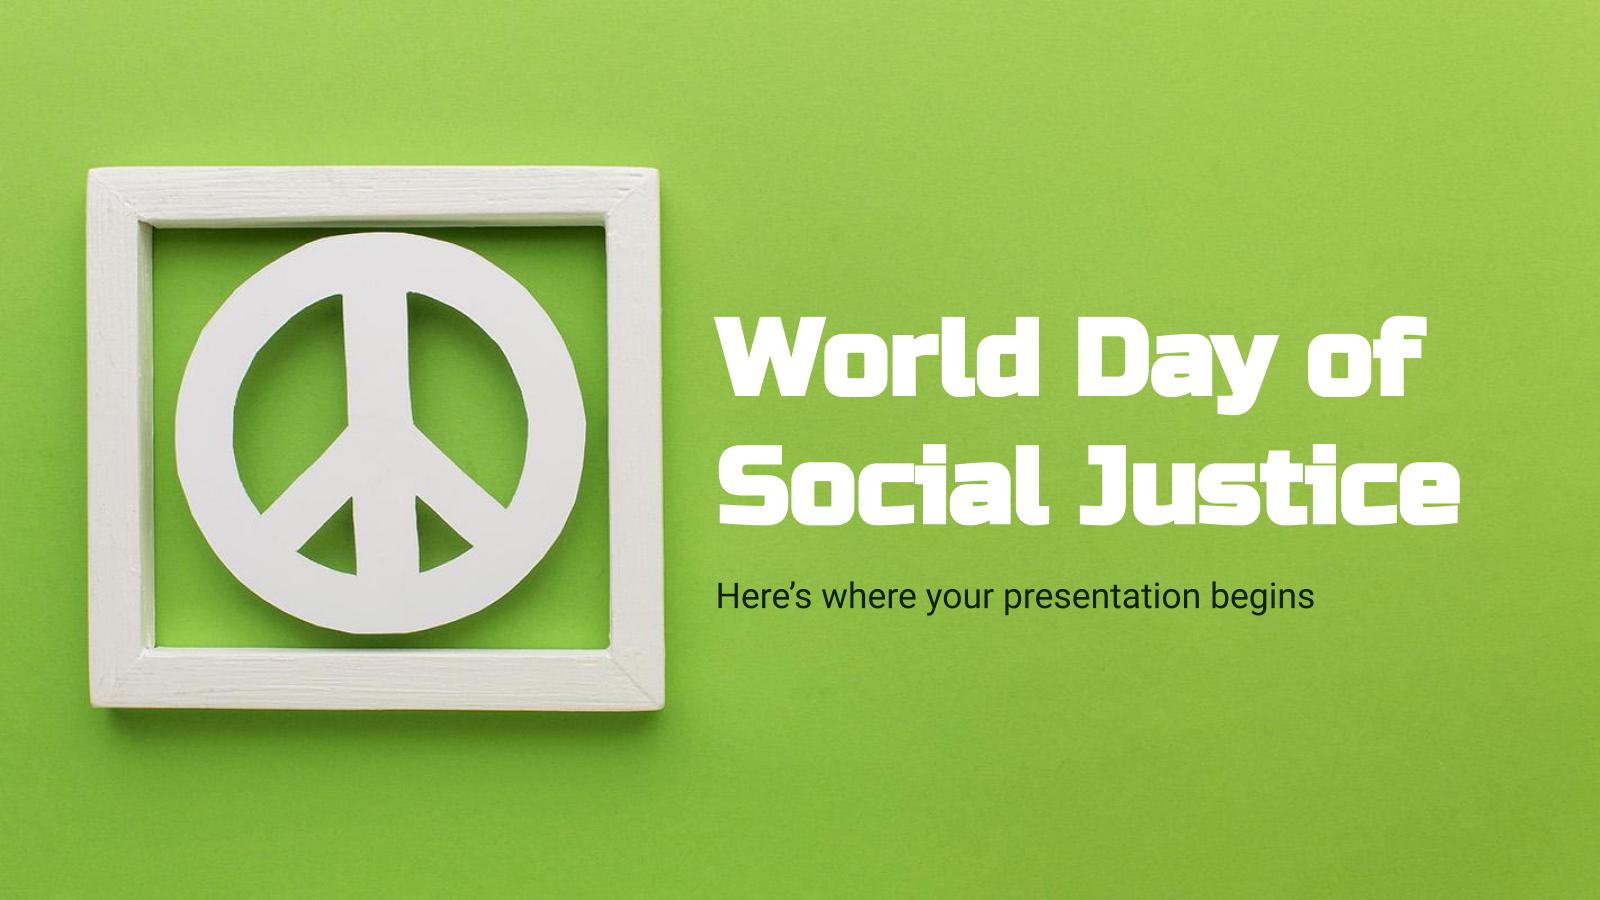 Journée mondiale de la justice sociale : Modèles de présentation